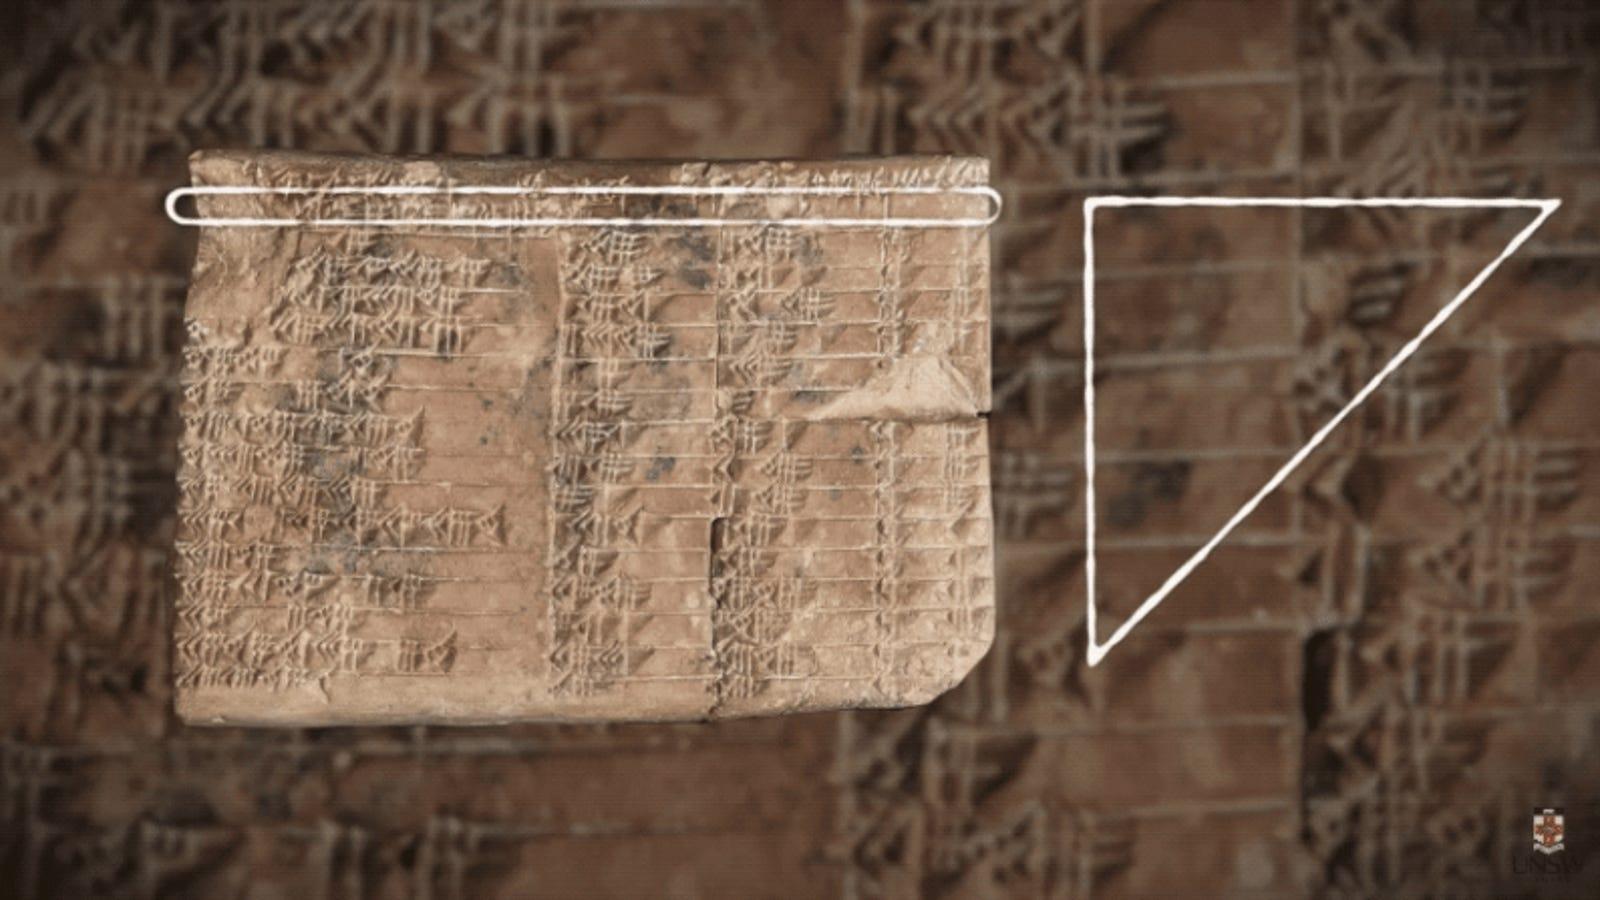 Una tablilla de 3700 años revela que los babilonios, y nos los griegos, descubrieron la trigonometría